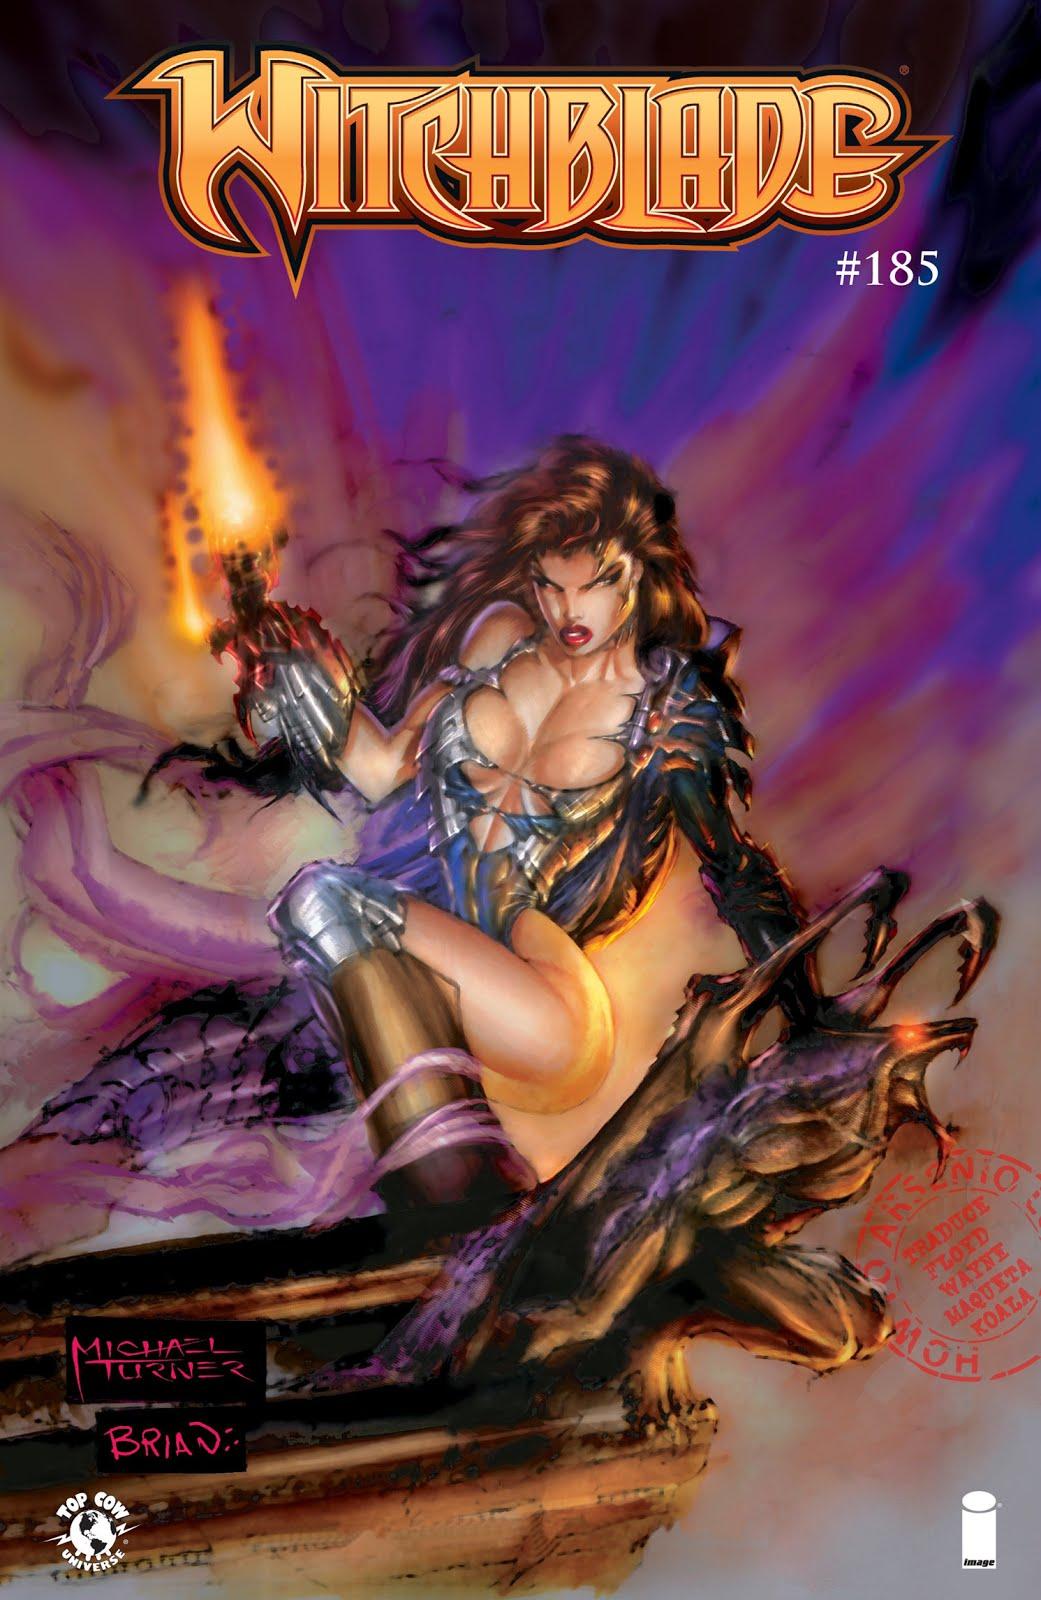 Actualización 18/12/2015: The Witchblade - FloydWayne y K0ala nos traen el numero #185, final de la serie.